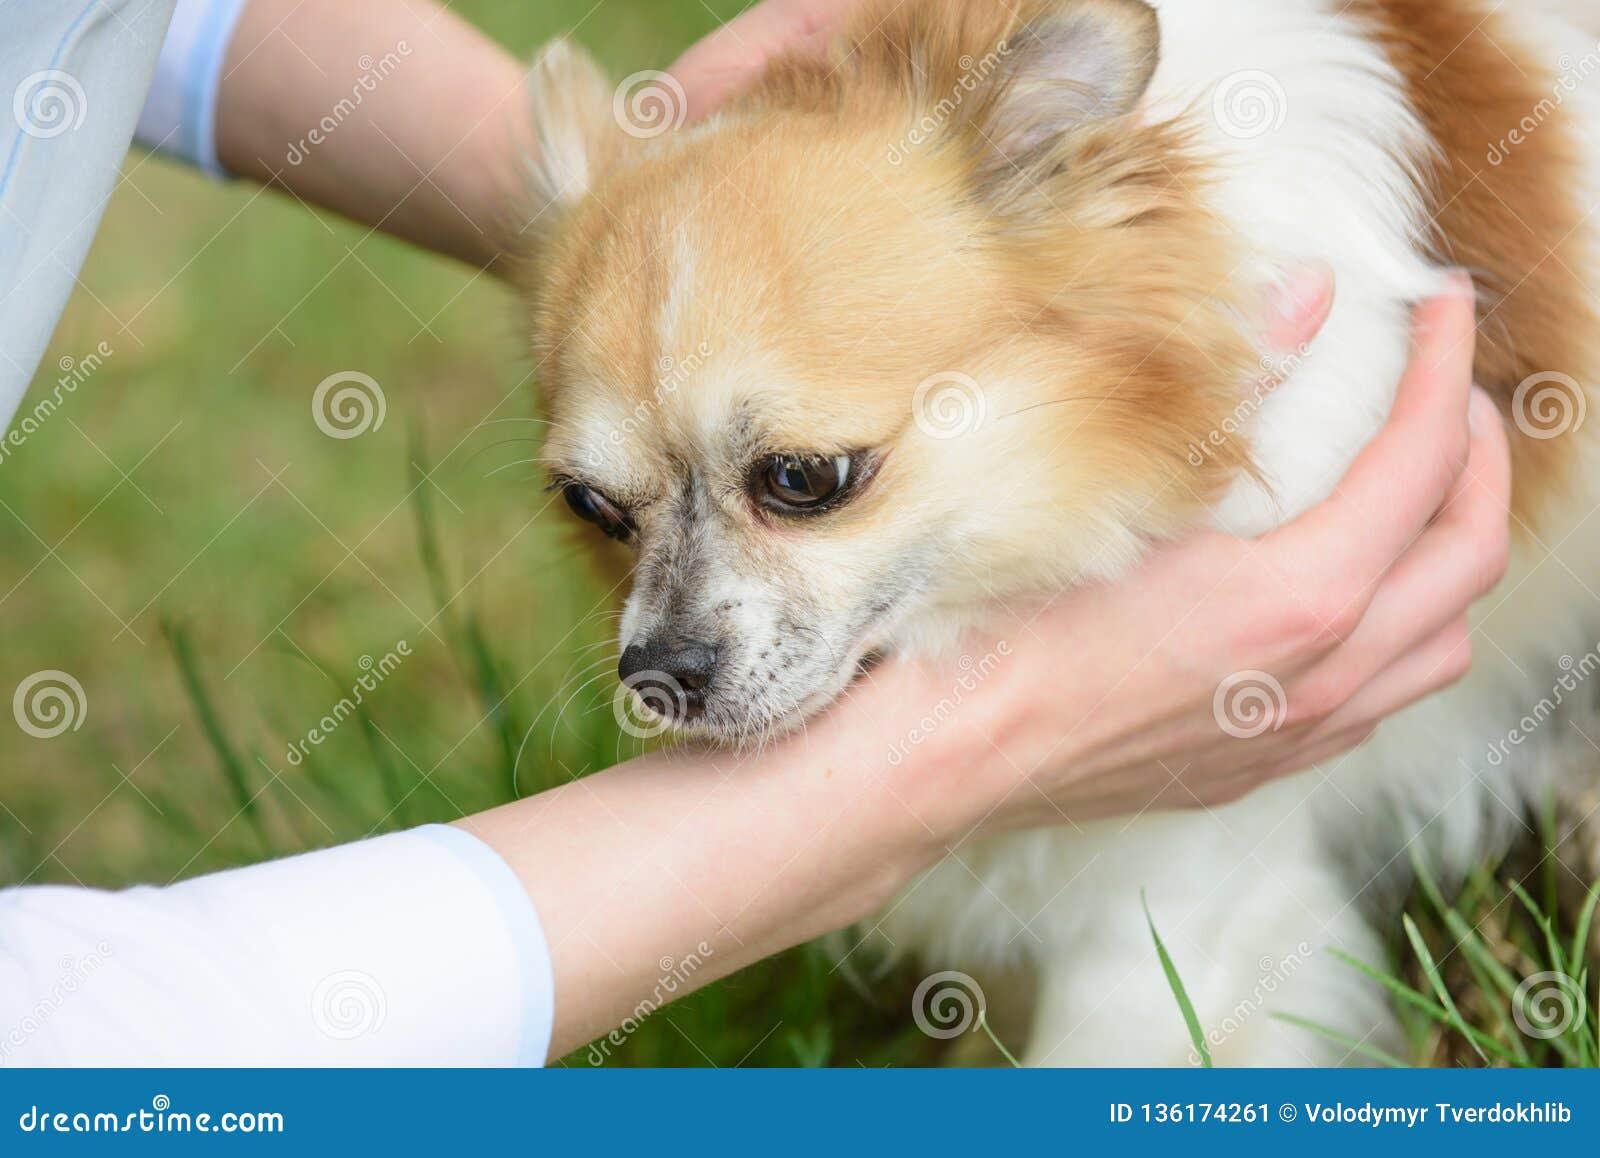 一个忠实的伴侣 所有者手举行的Pomeranian波美丝毛狗 Pomeranian波美丝毛狗在自然的狗步行 家谱狗 狗宠物